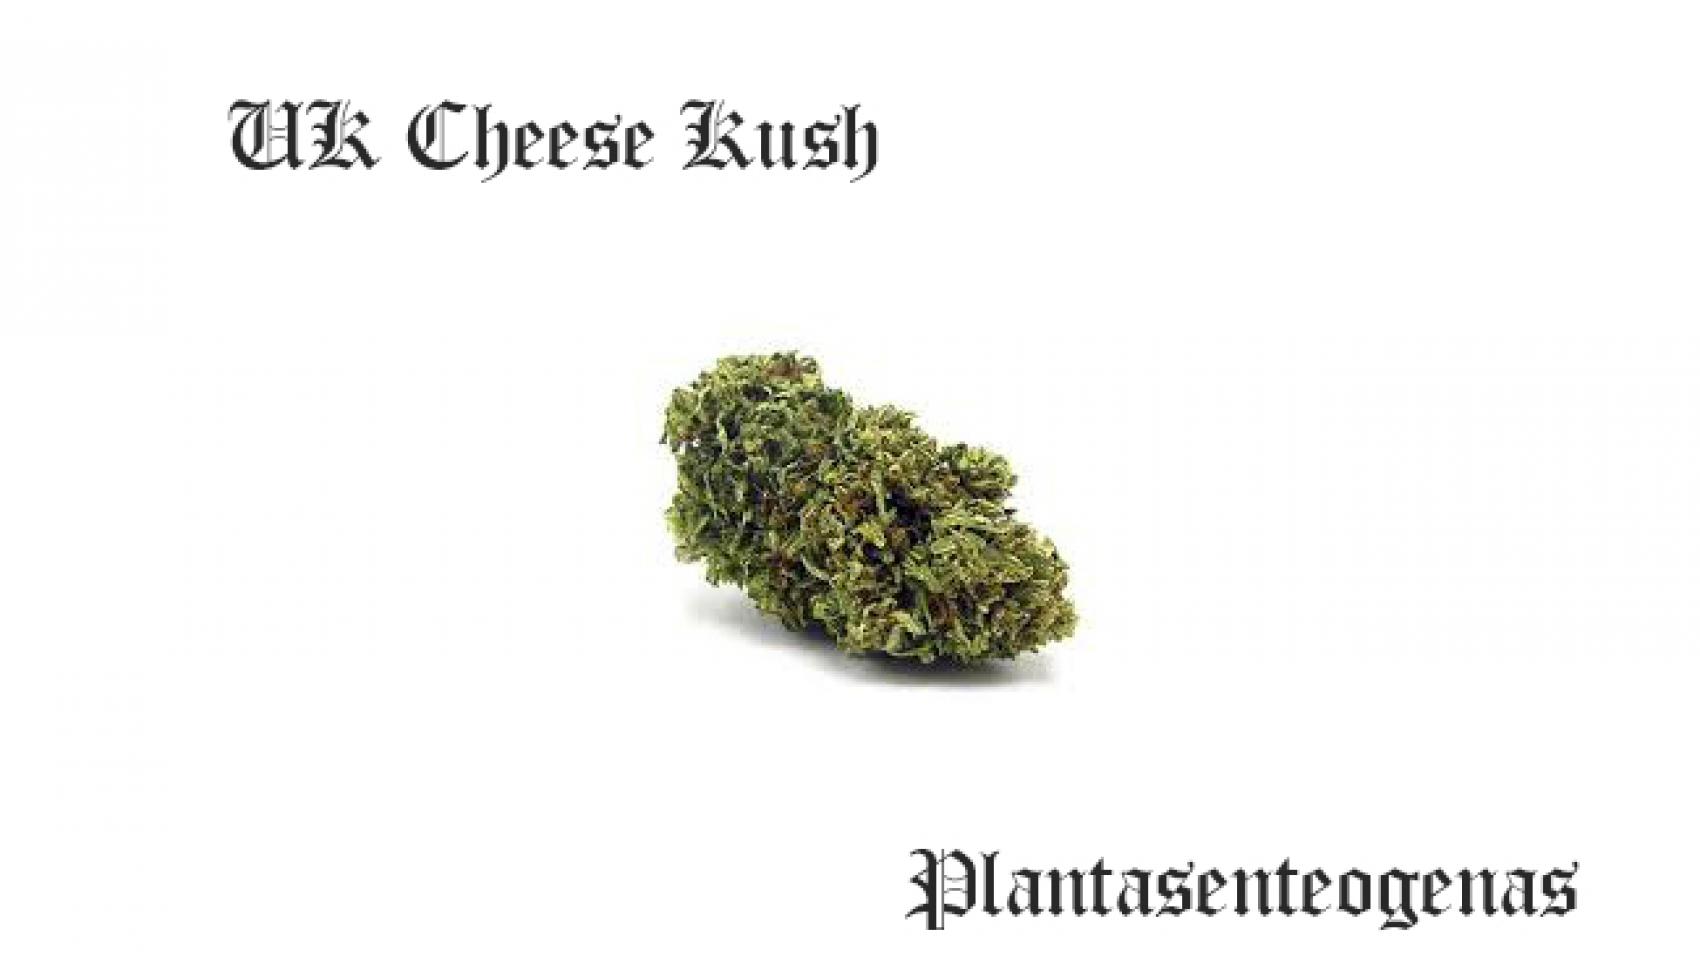 uk cheese kush